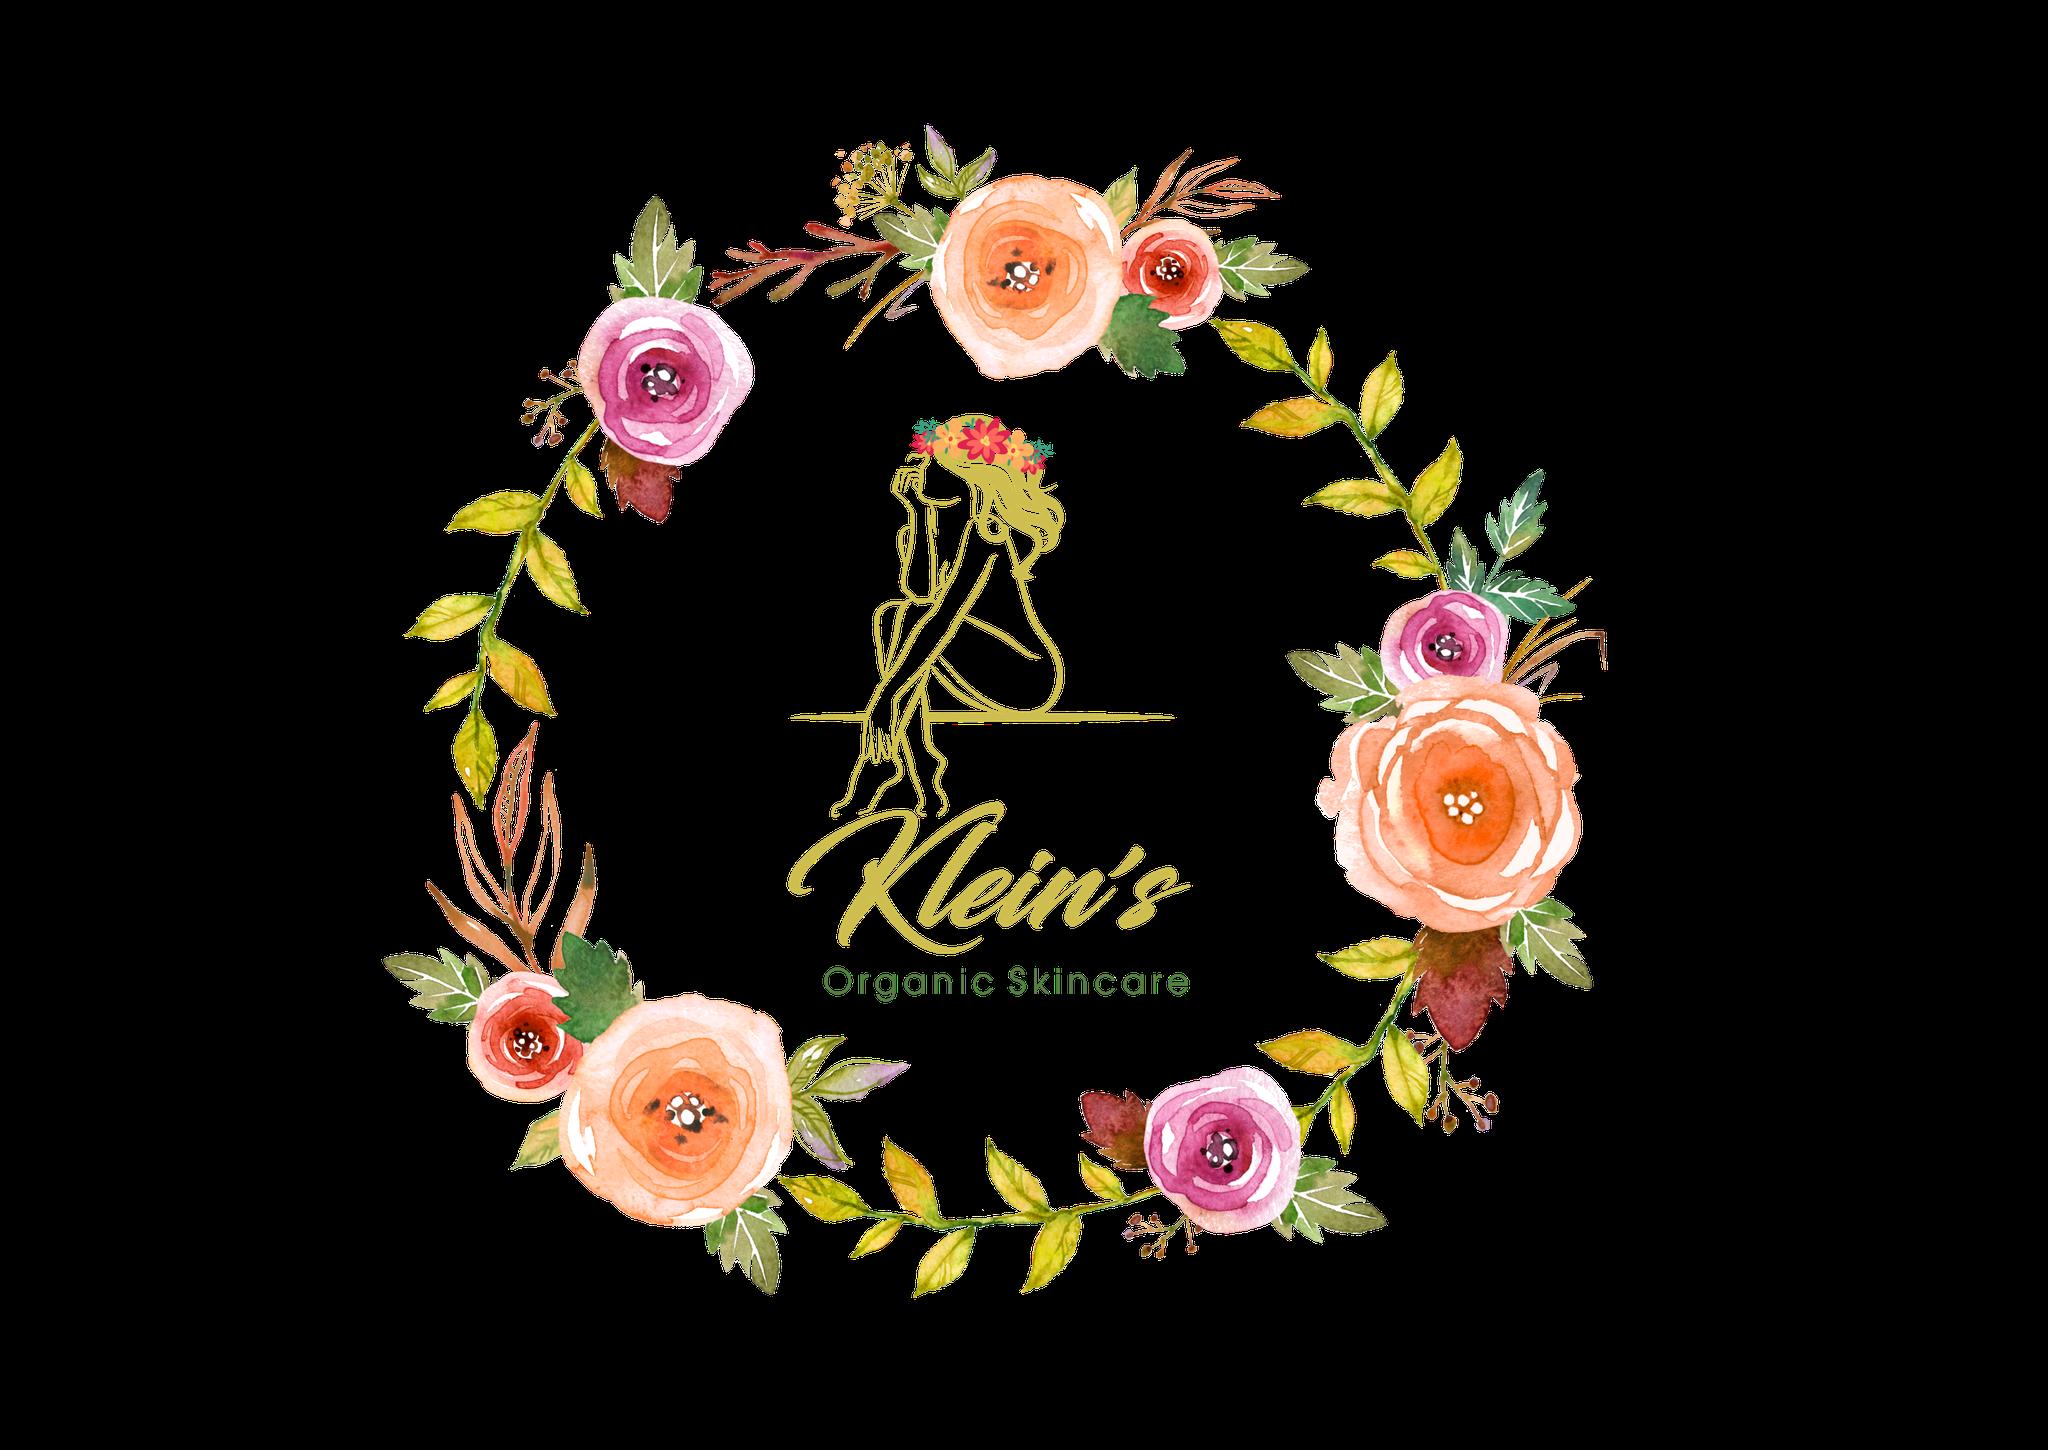 Kleins Organic Skincare logo